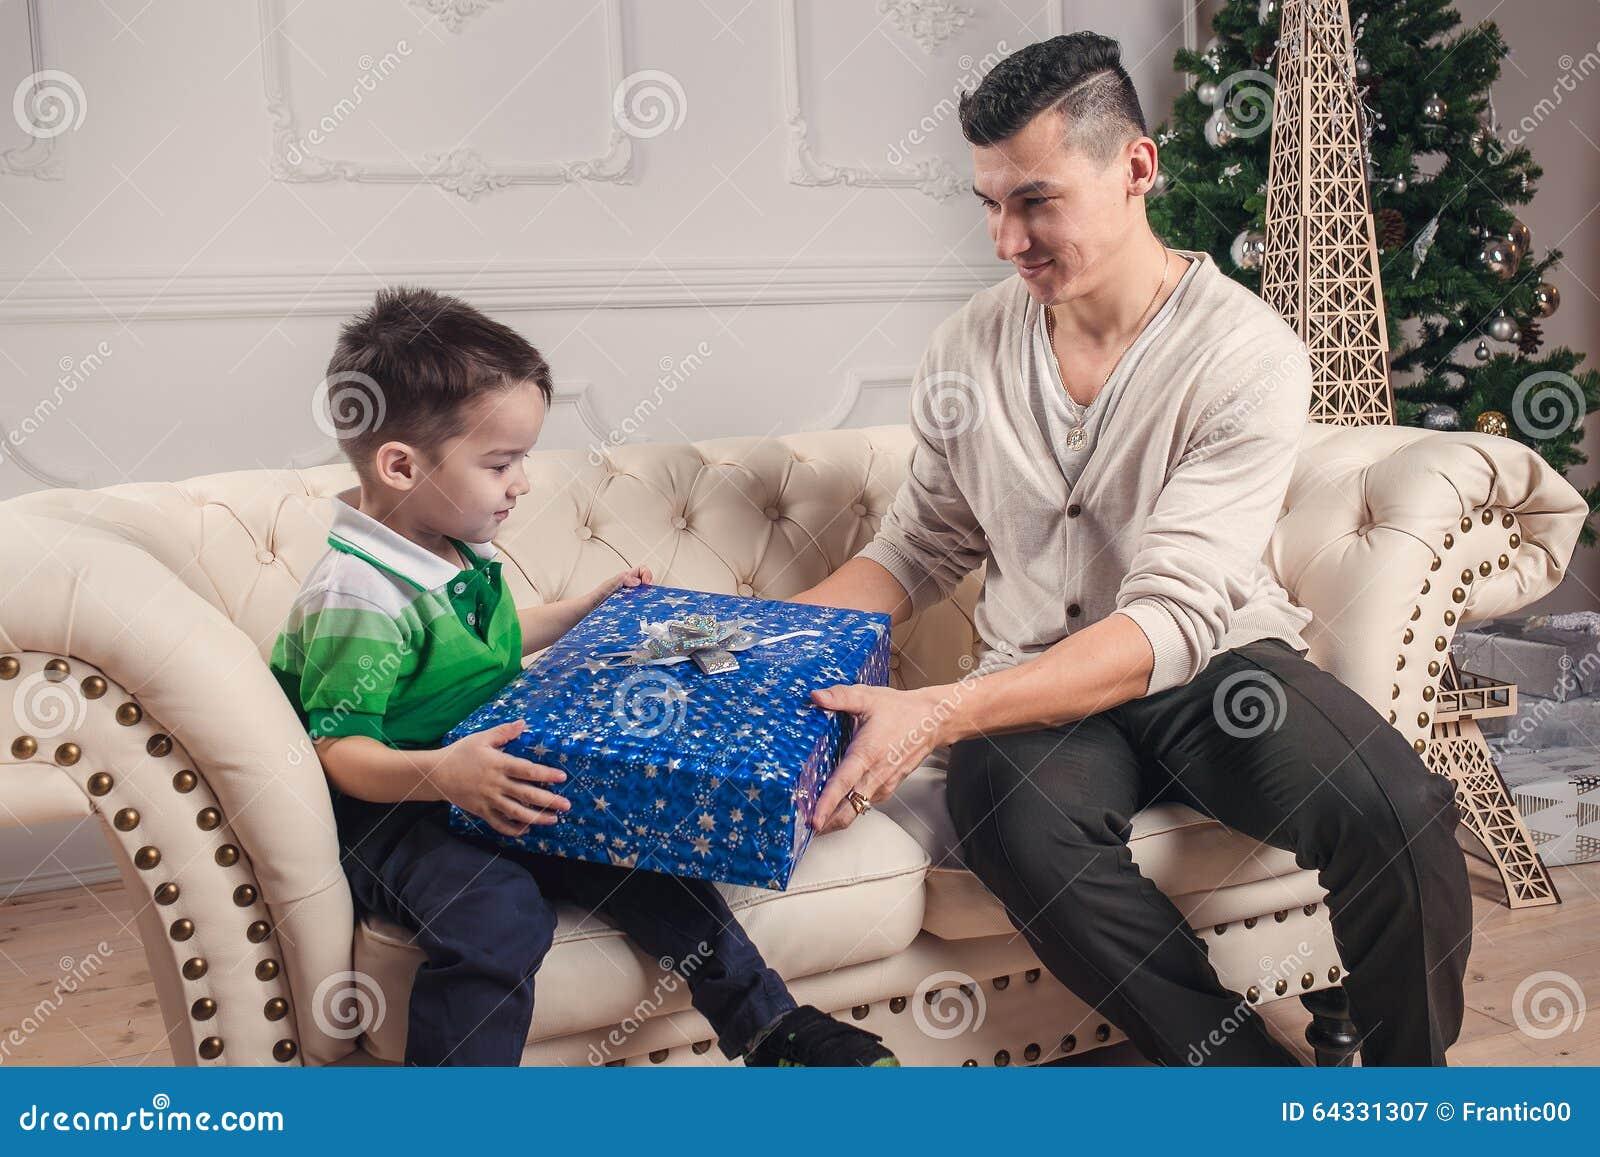 Regalos navidad padre unid regalo de navidad pap noel d moldes de jabn de silicona del molde de - Regalo padre navidad ...